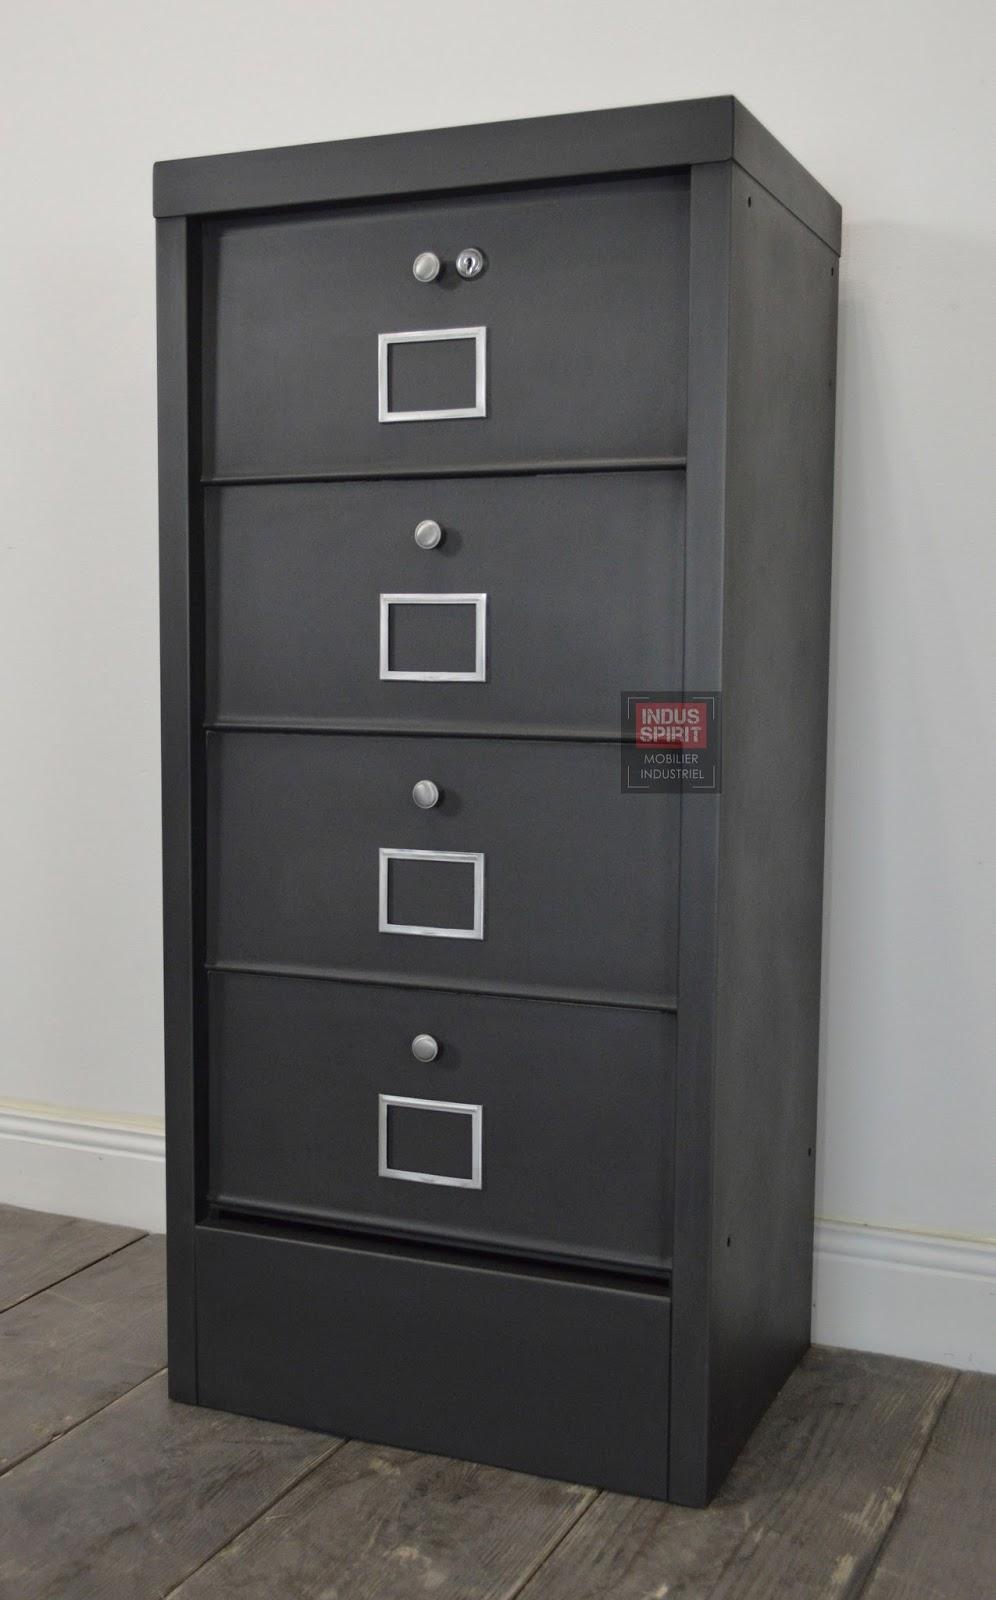 meuble industriel d coration industrielle meuble de. Black Bedroom Furniture Sets. Home Design Ideas